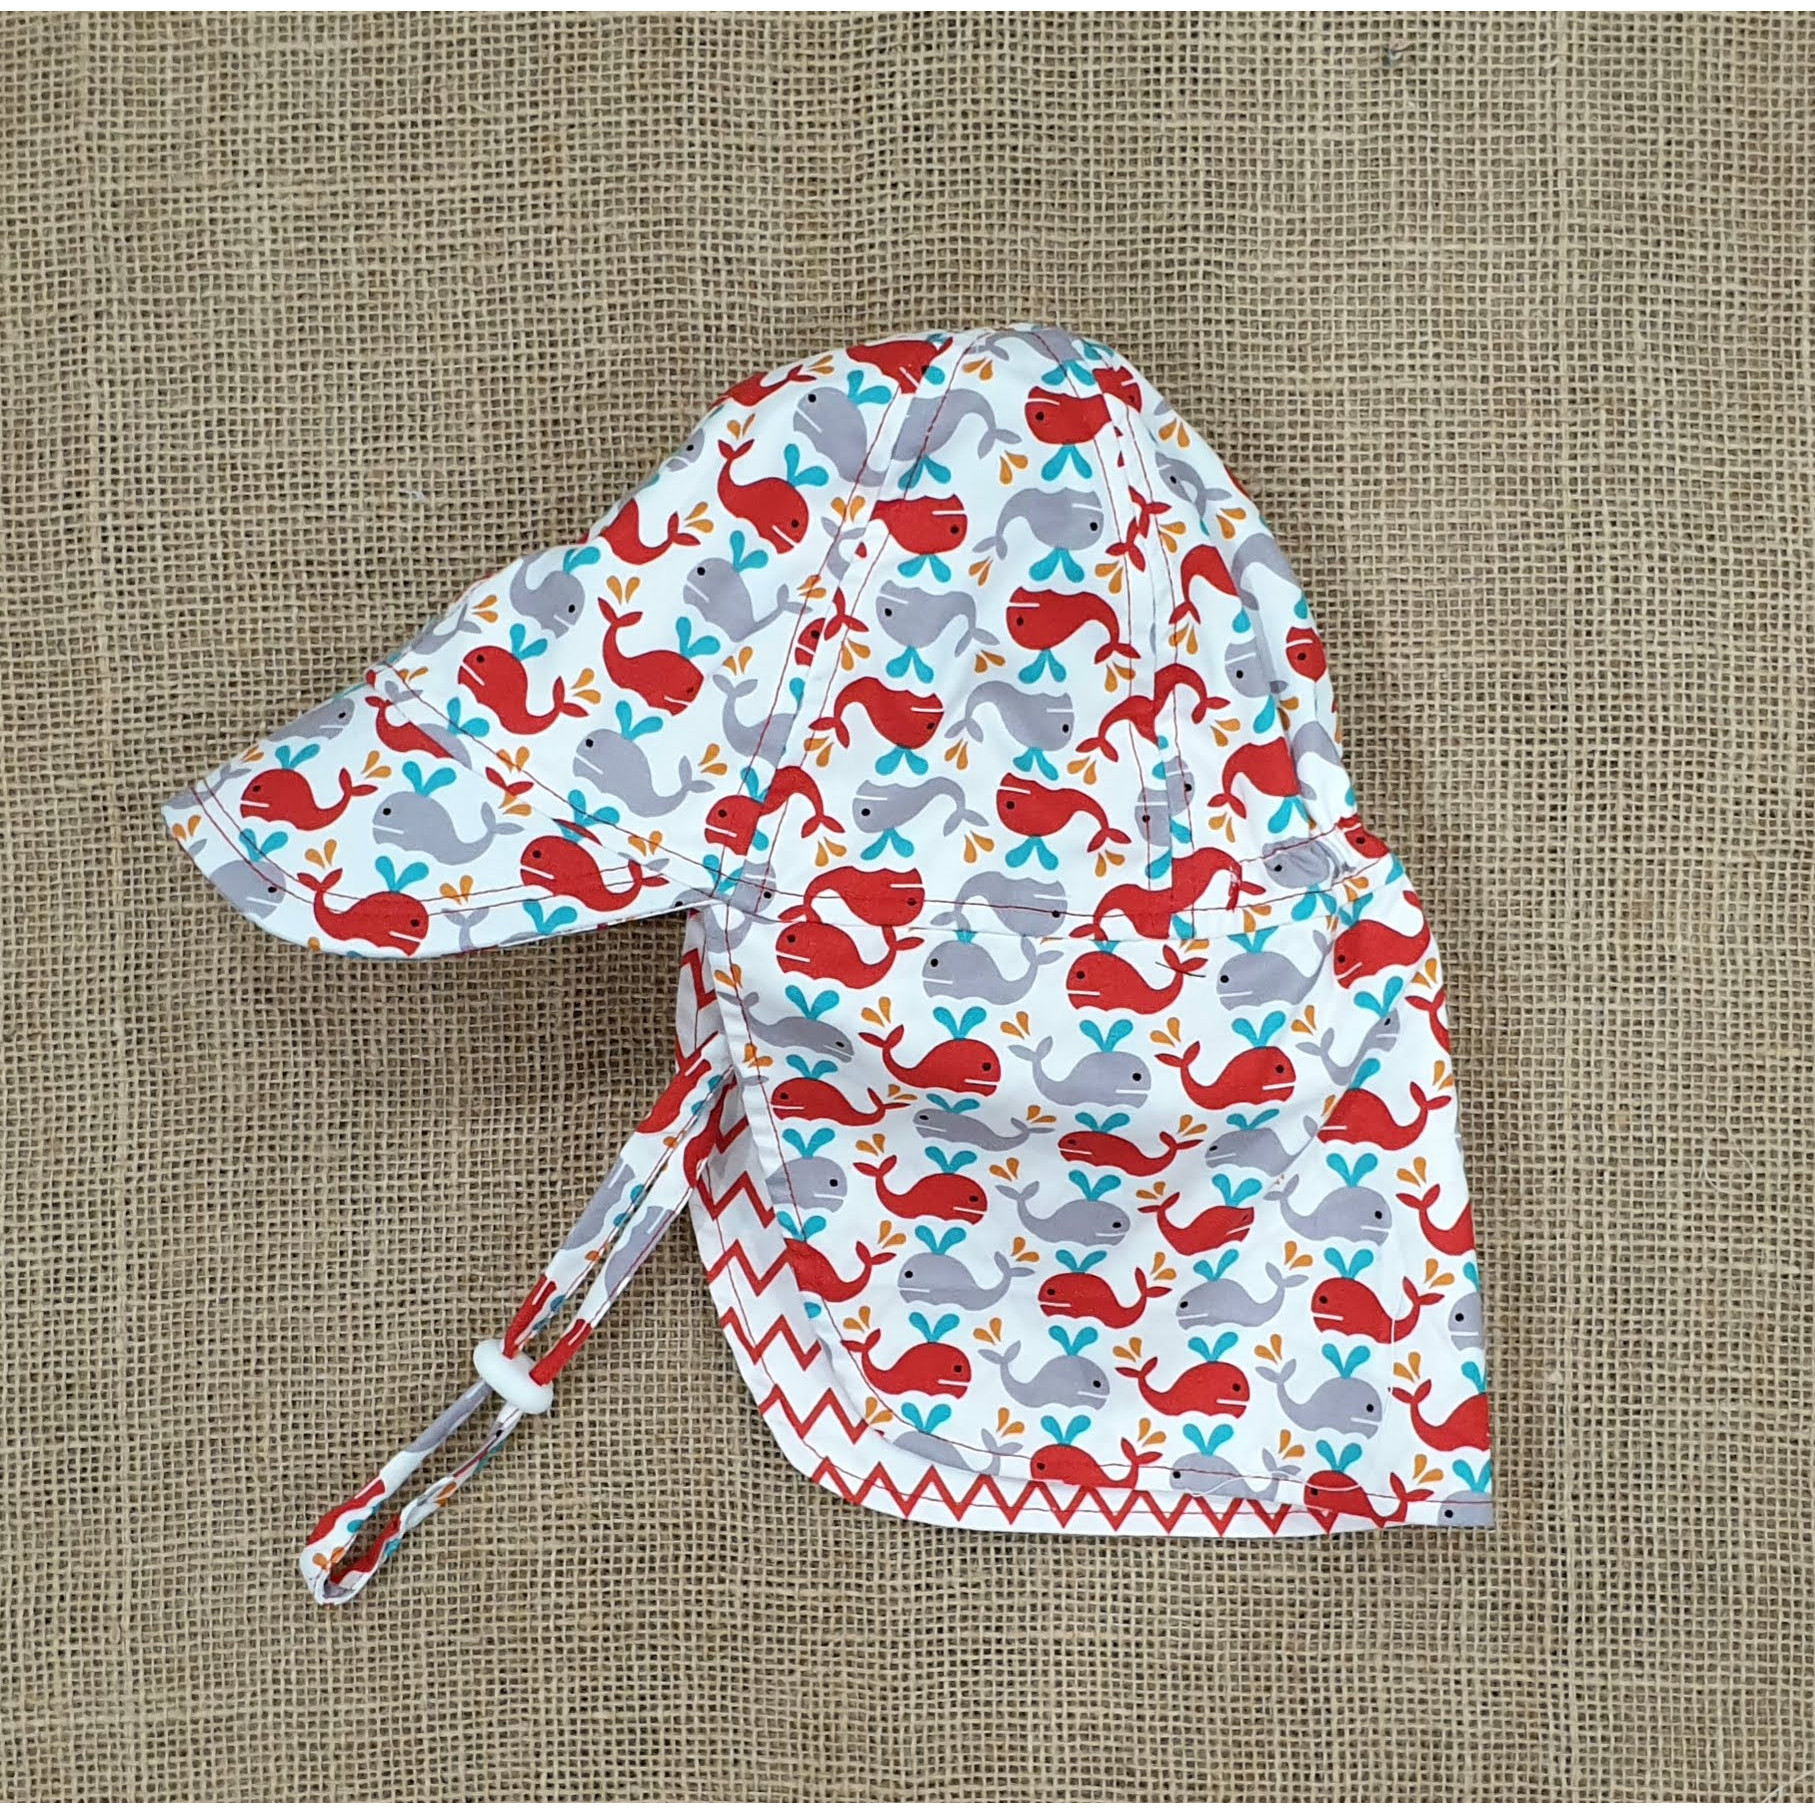 Mũ che gáy, mũ lưỡi trai có gáy kiểu Nhật cho bé trai. Mũ chống nắng, đi biển, đi dã ngoại cho bé từ 1-12 tuổi